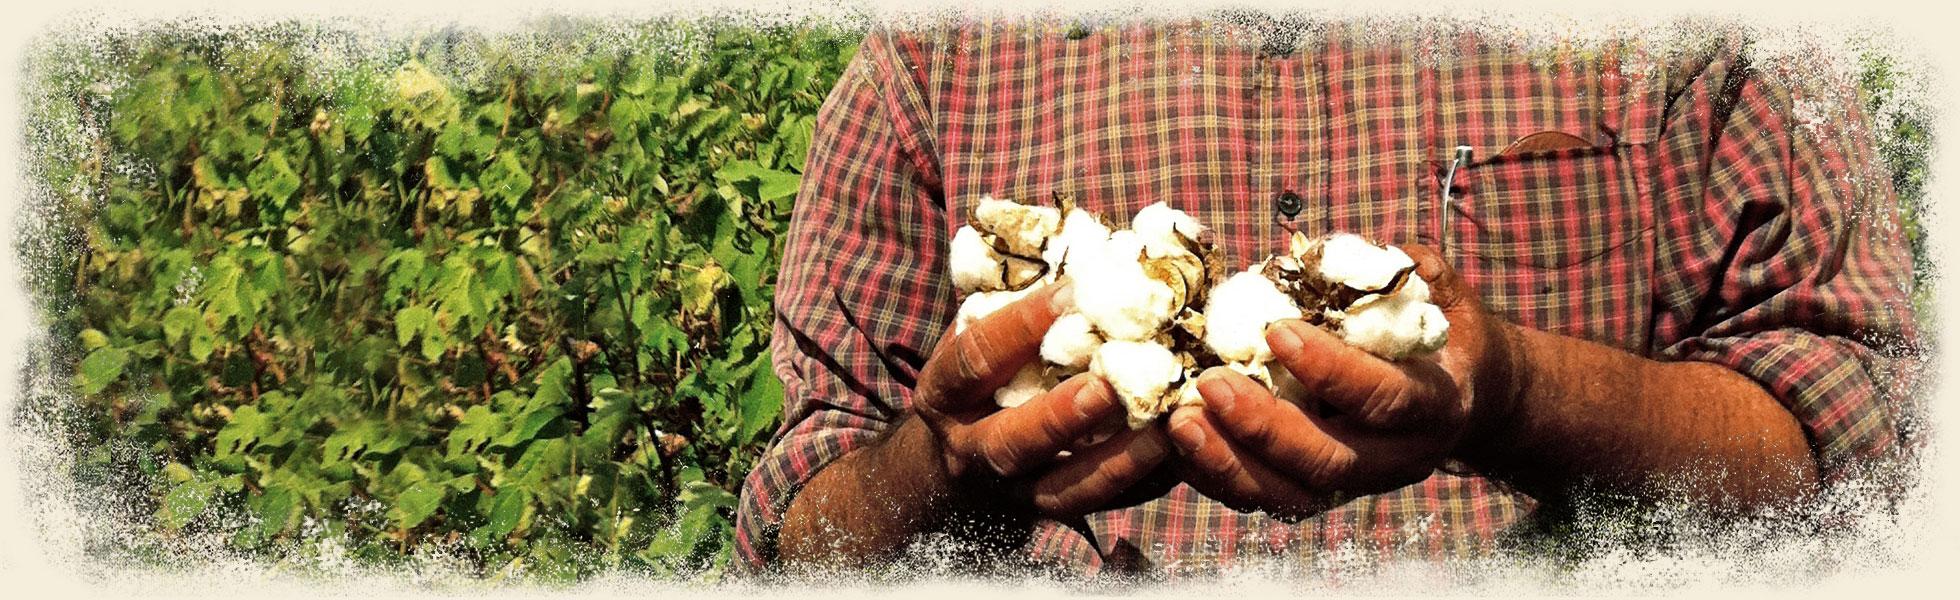 heritage-organic-cotton-maggies-ban1.jpg